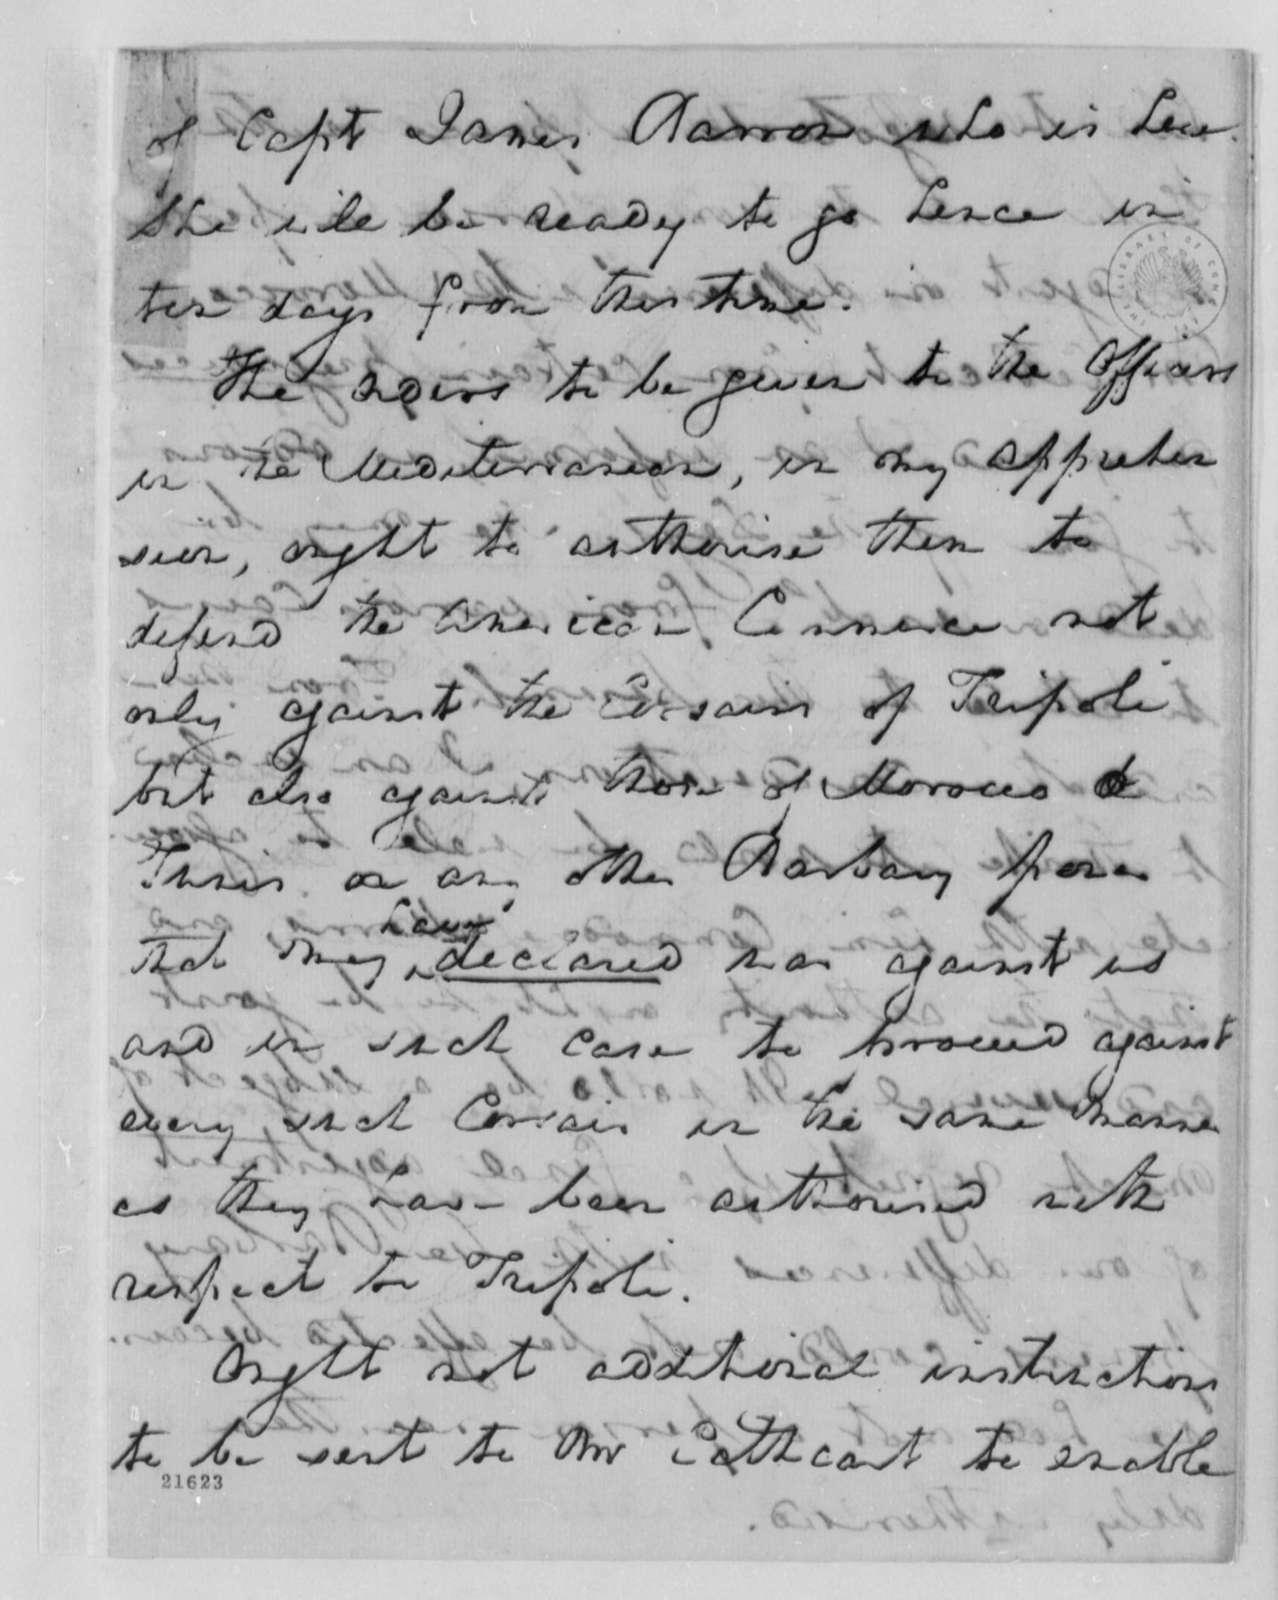 Robert Smith to Thomas Jefferson, August 16, 1802